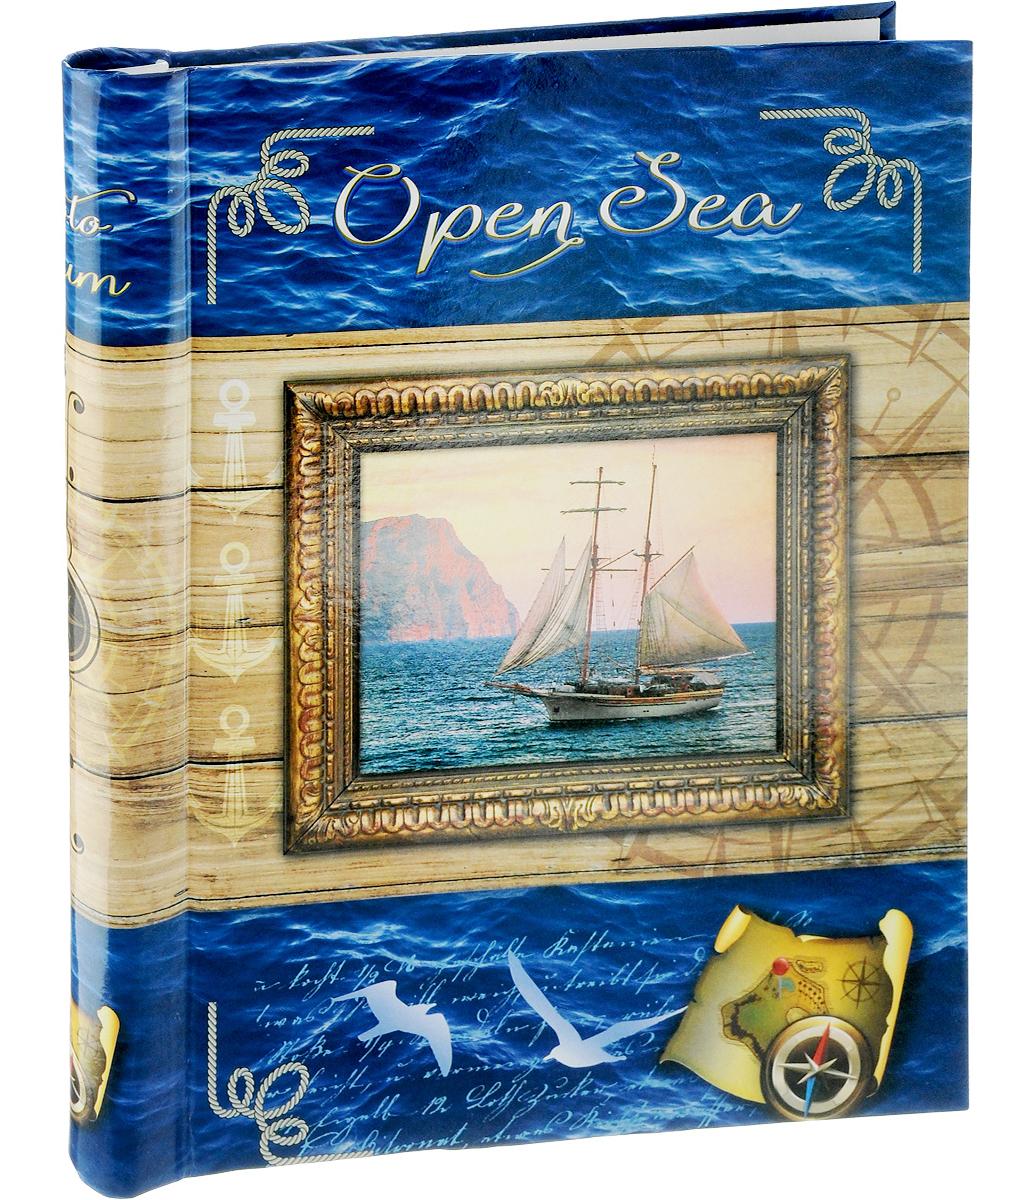 Фотоальбом Pioneer Open Sea, 10 магнитных листов, цвет: синий, песочный, 23 х 28 см фотоальбом pioneer stretch of imagination цвет синий 500 фото 10 х 15 см